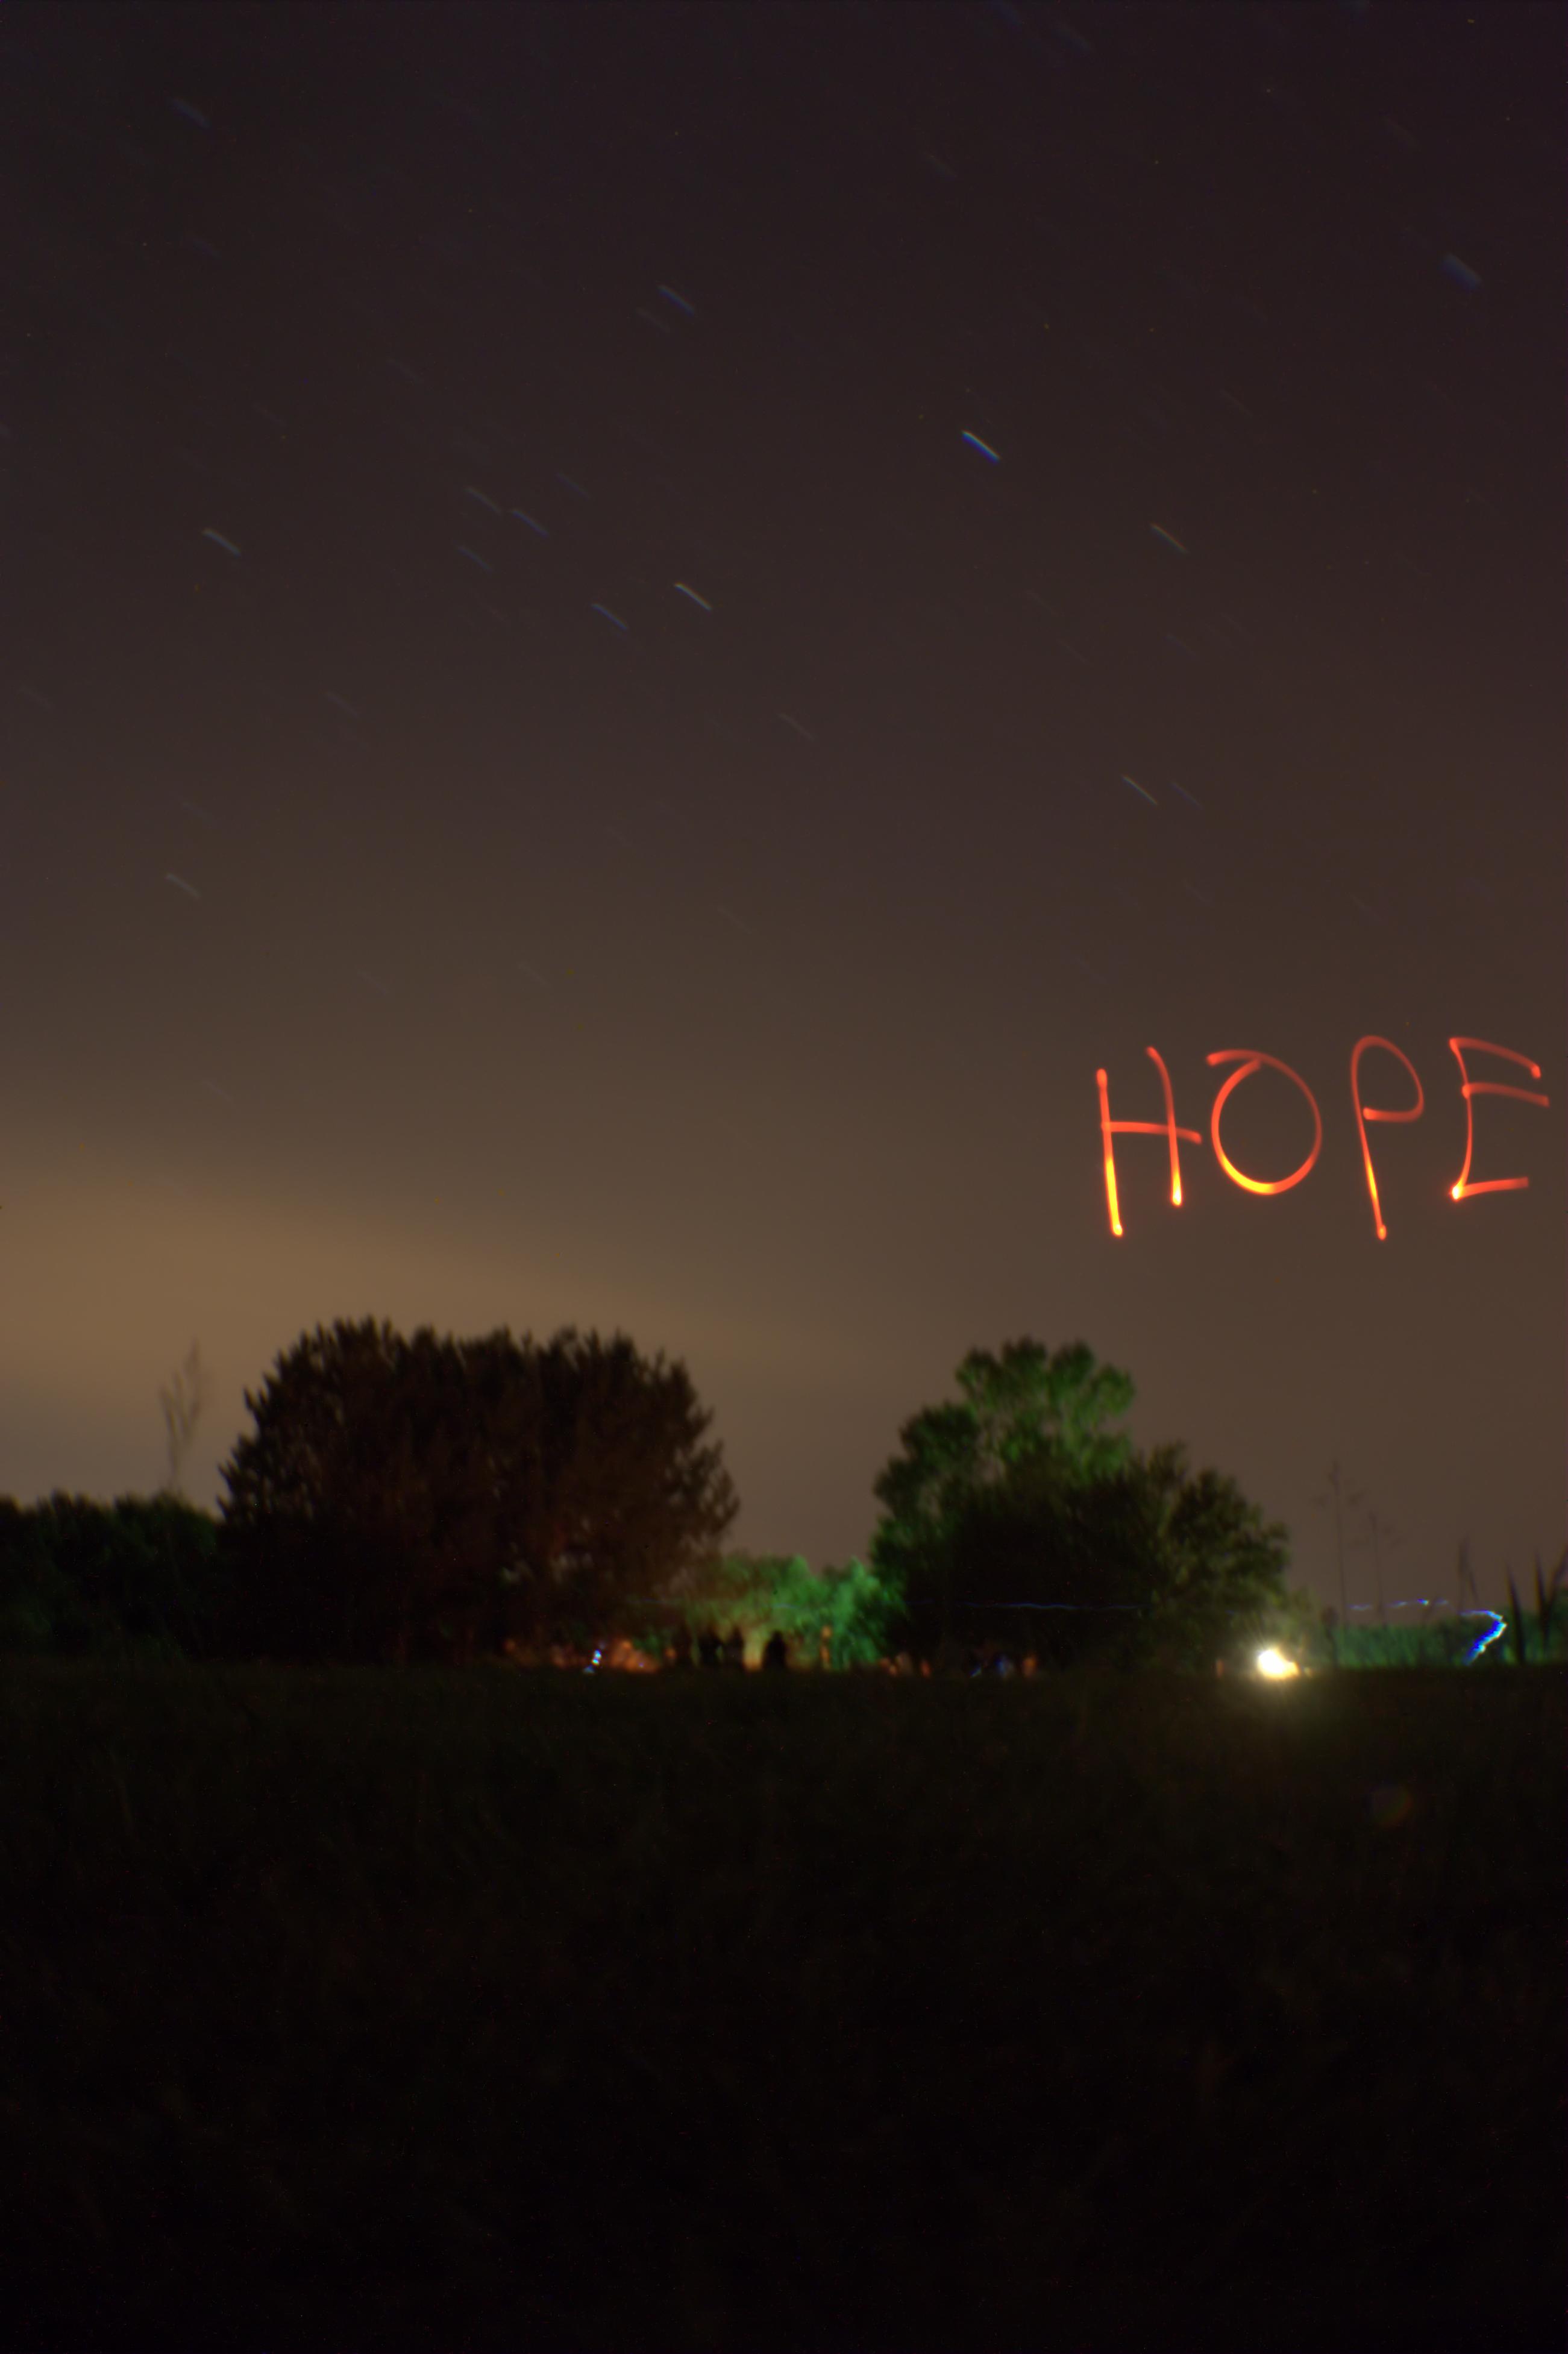 Hope Written onDarkness